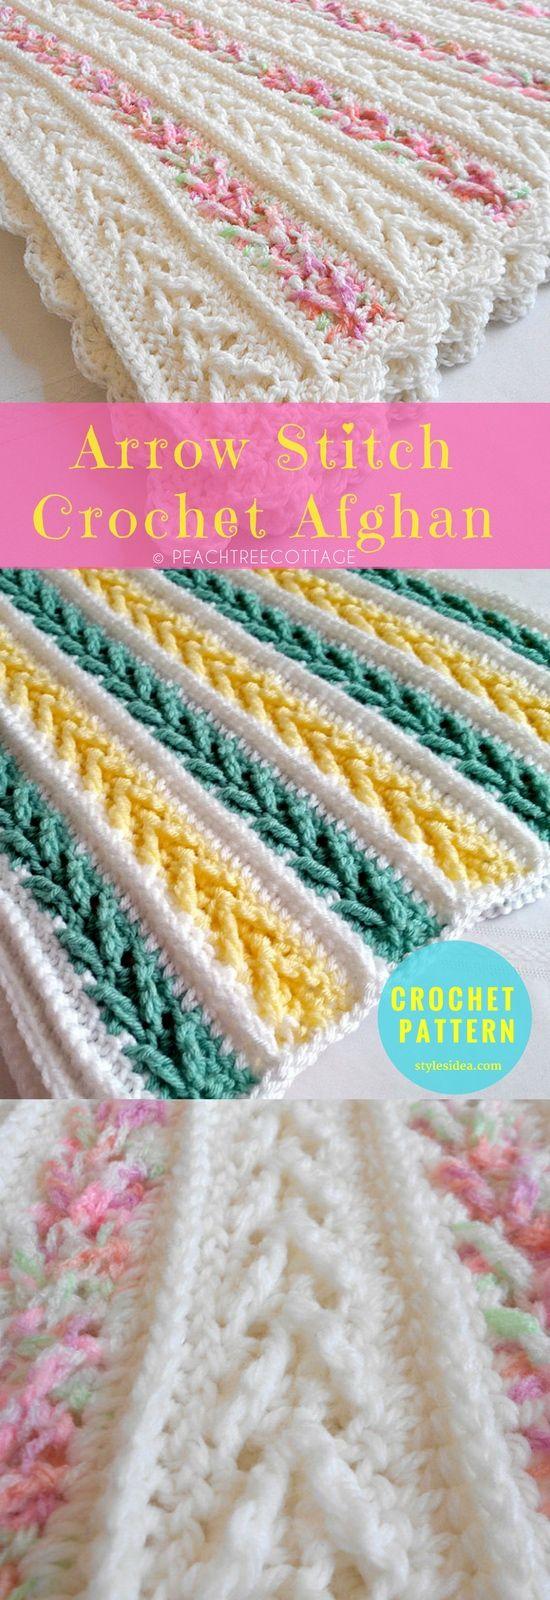 Crochet Afghan with Arrow Stitch [Free Pattern] | Crochet afgano ...